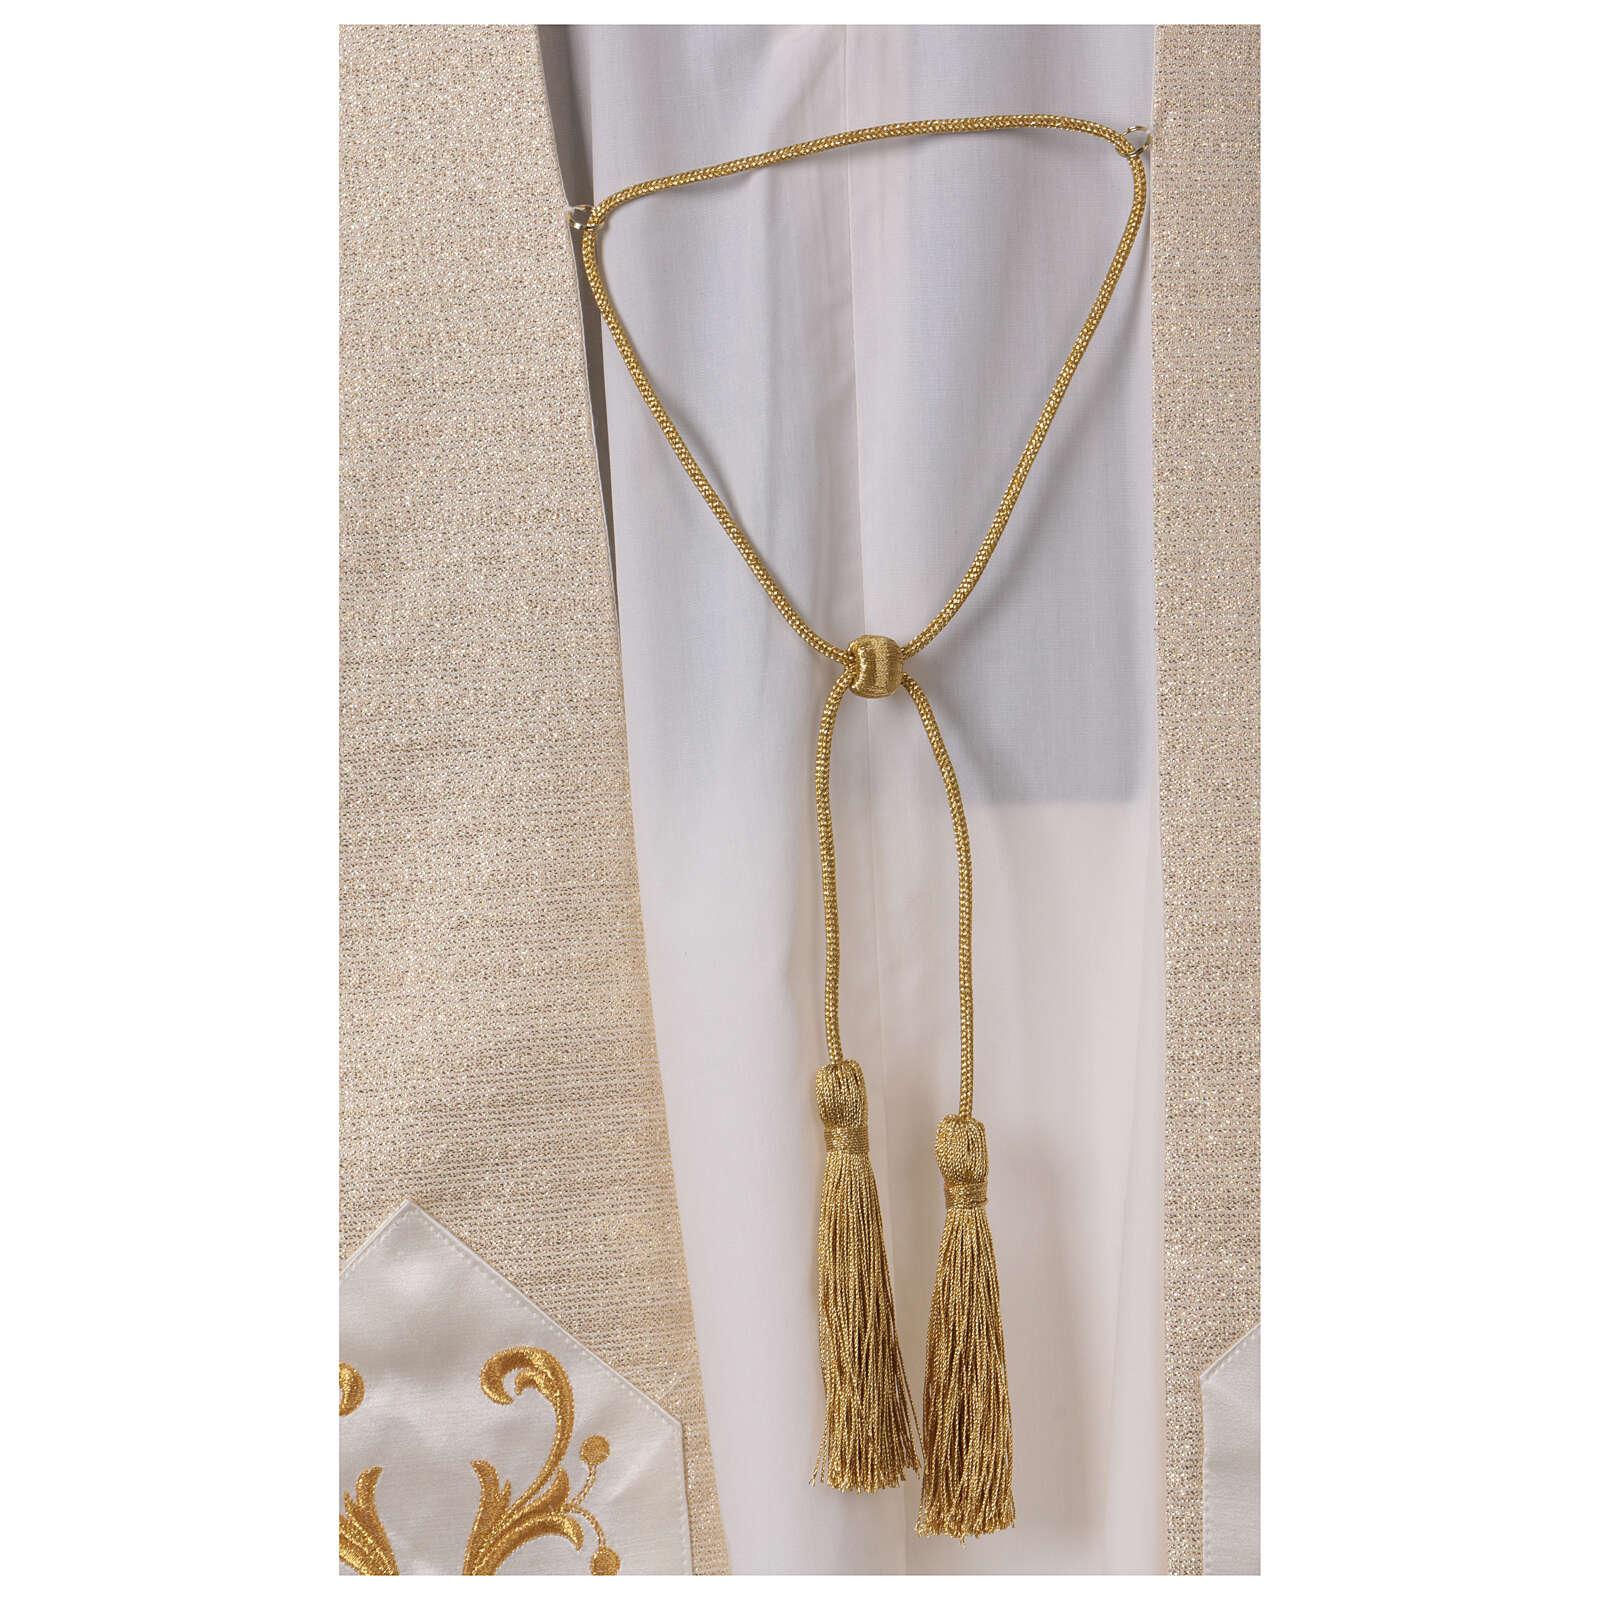 Clivio 95% pura lana naturale 5% lurex ricamo floreale fascione fronte 4